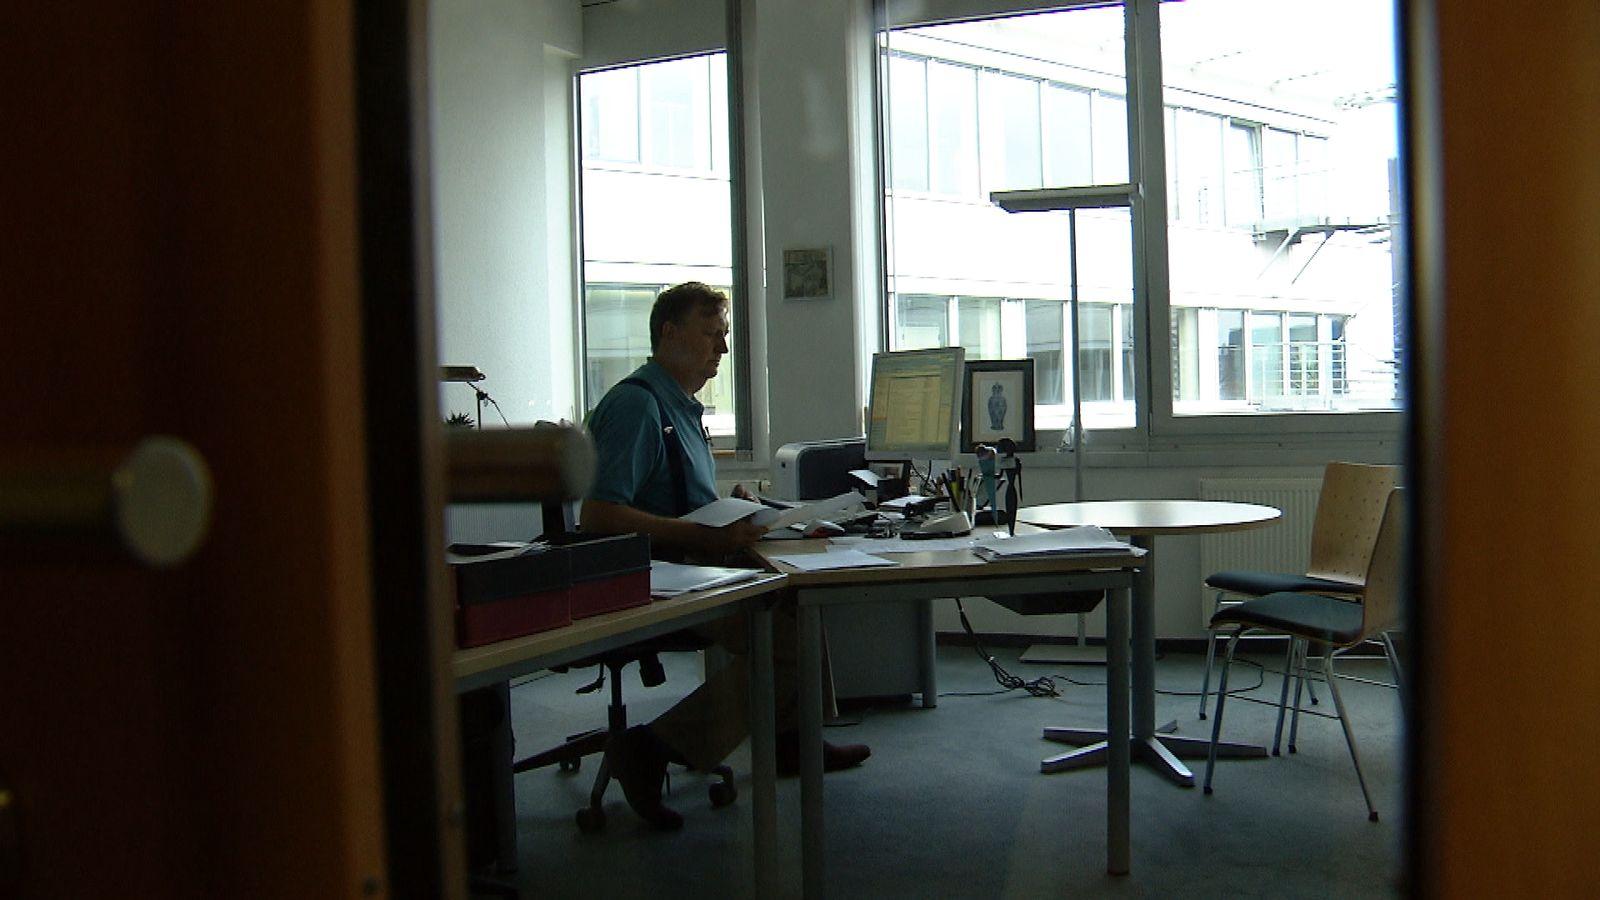 EINMALIGE VERWENDUNG Überfall am Arbeitsplatz - Leben mit der Angst danach. Ein Film vonChristina ZÃ?hlke. Donnerstag, 13.3.2014 um 22.30 Uhr im WDR Fernsehen